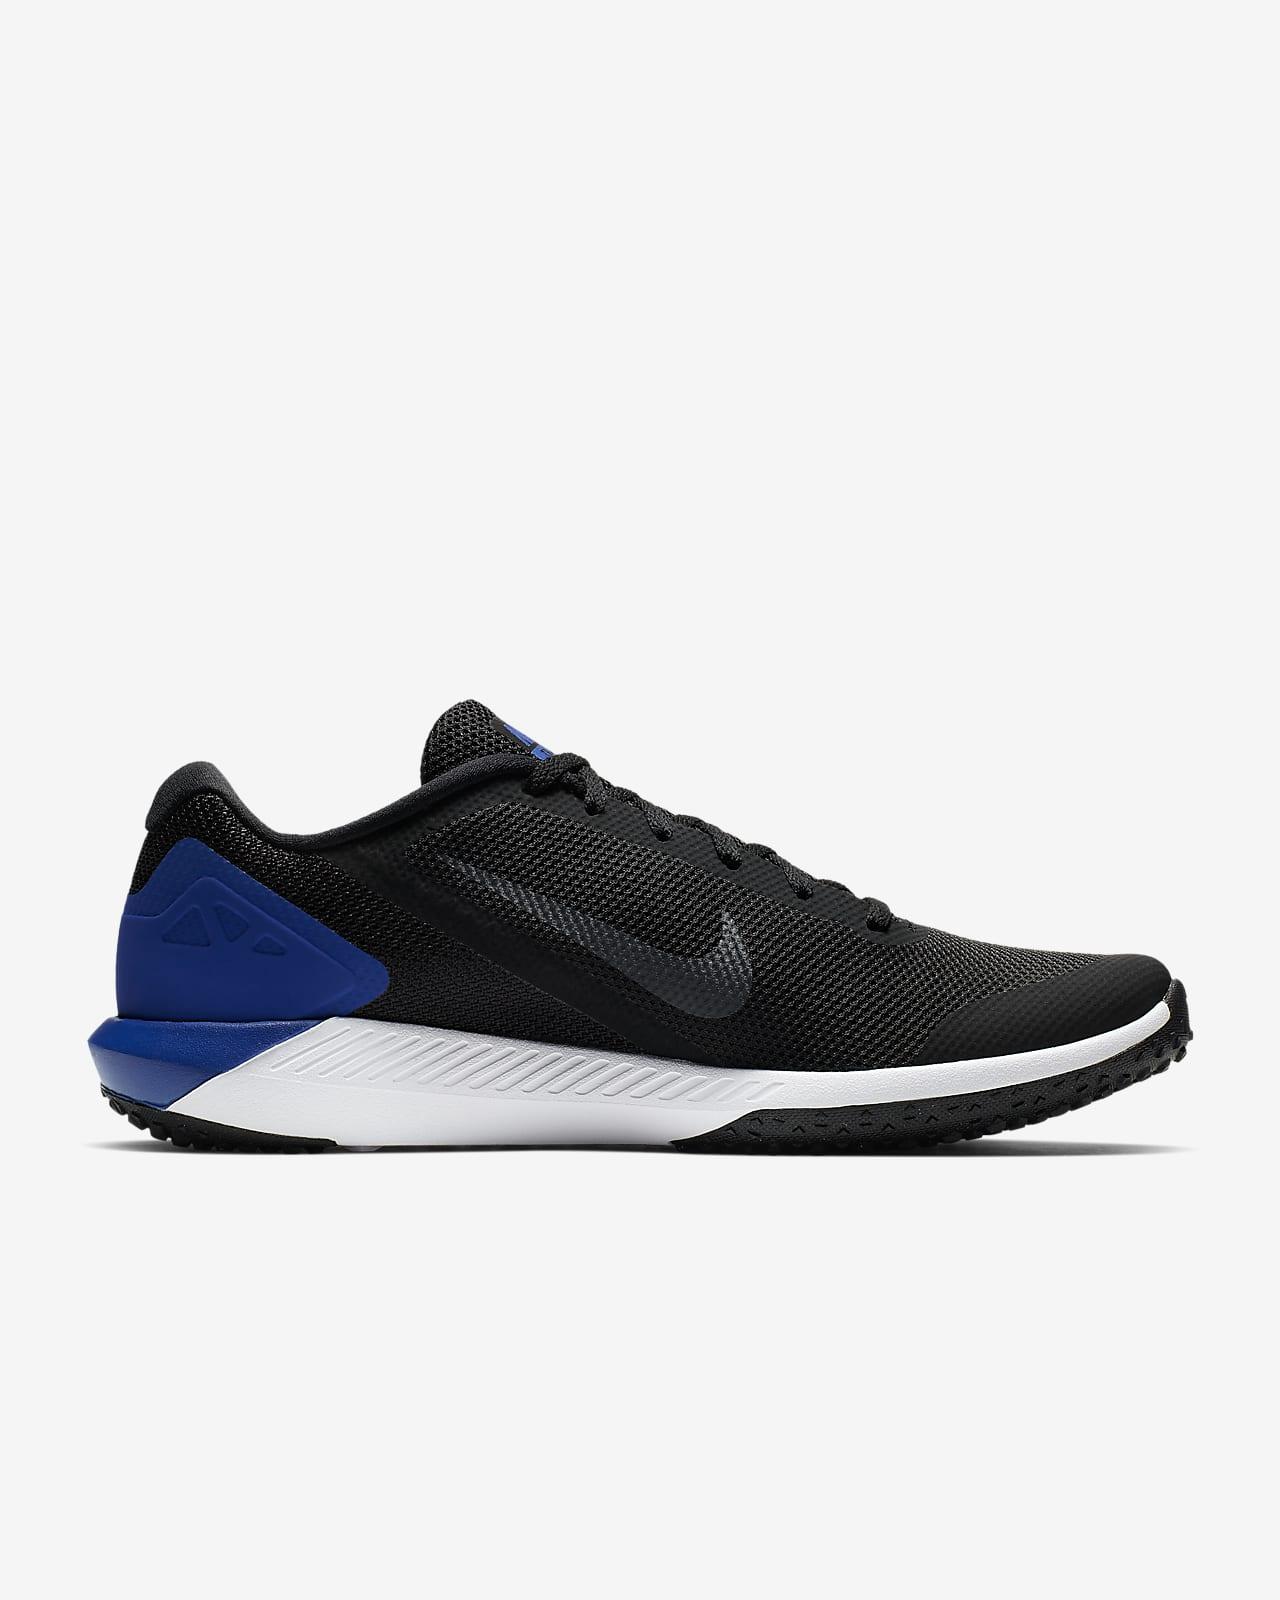 Chaussure de fitness, de training et d'entraînement Nike Retaliation Trainer 2 pour Homme